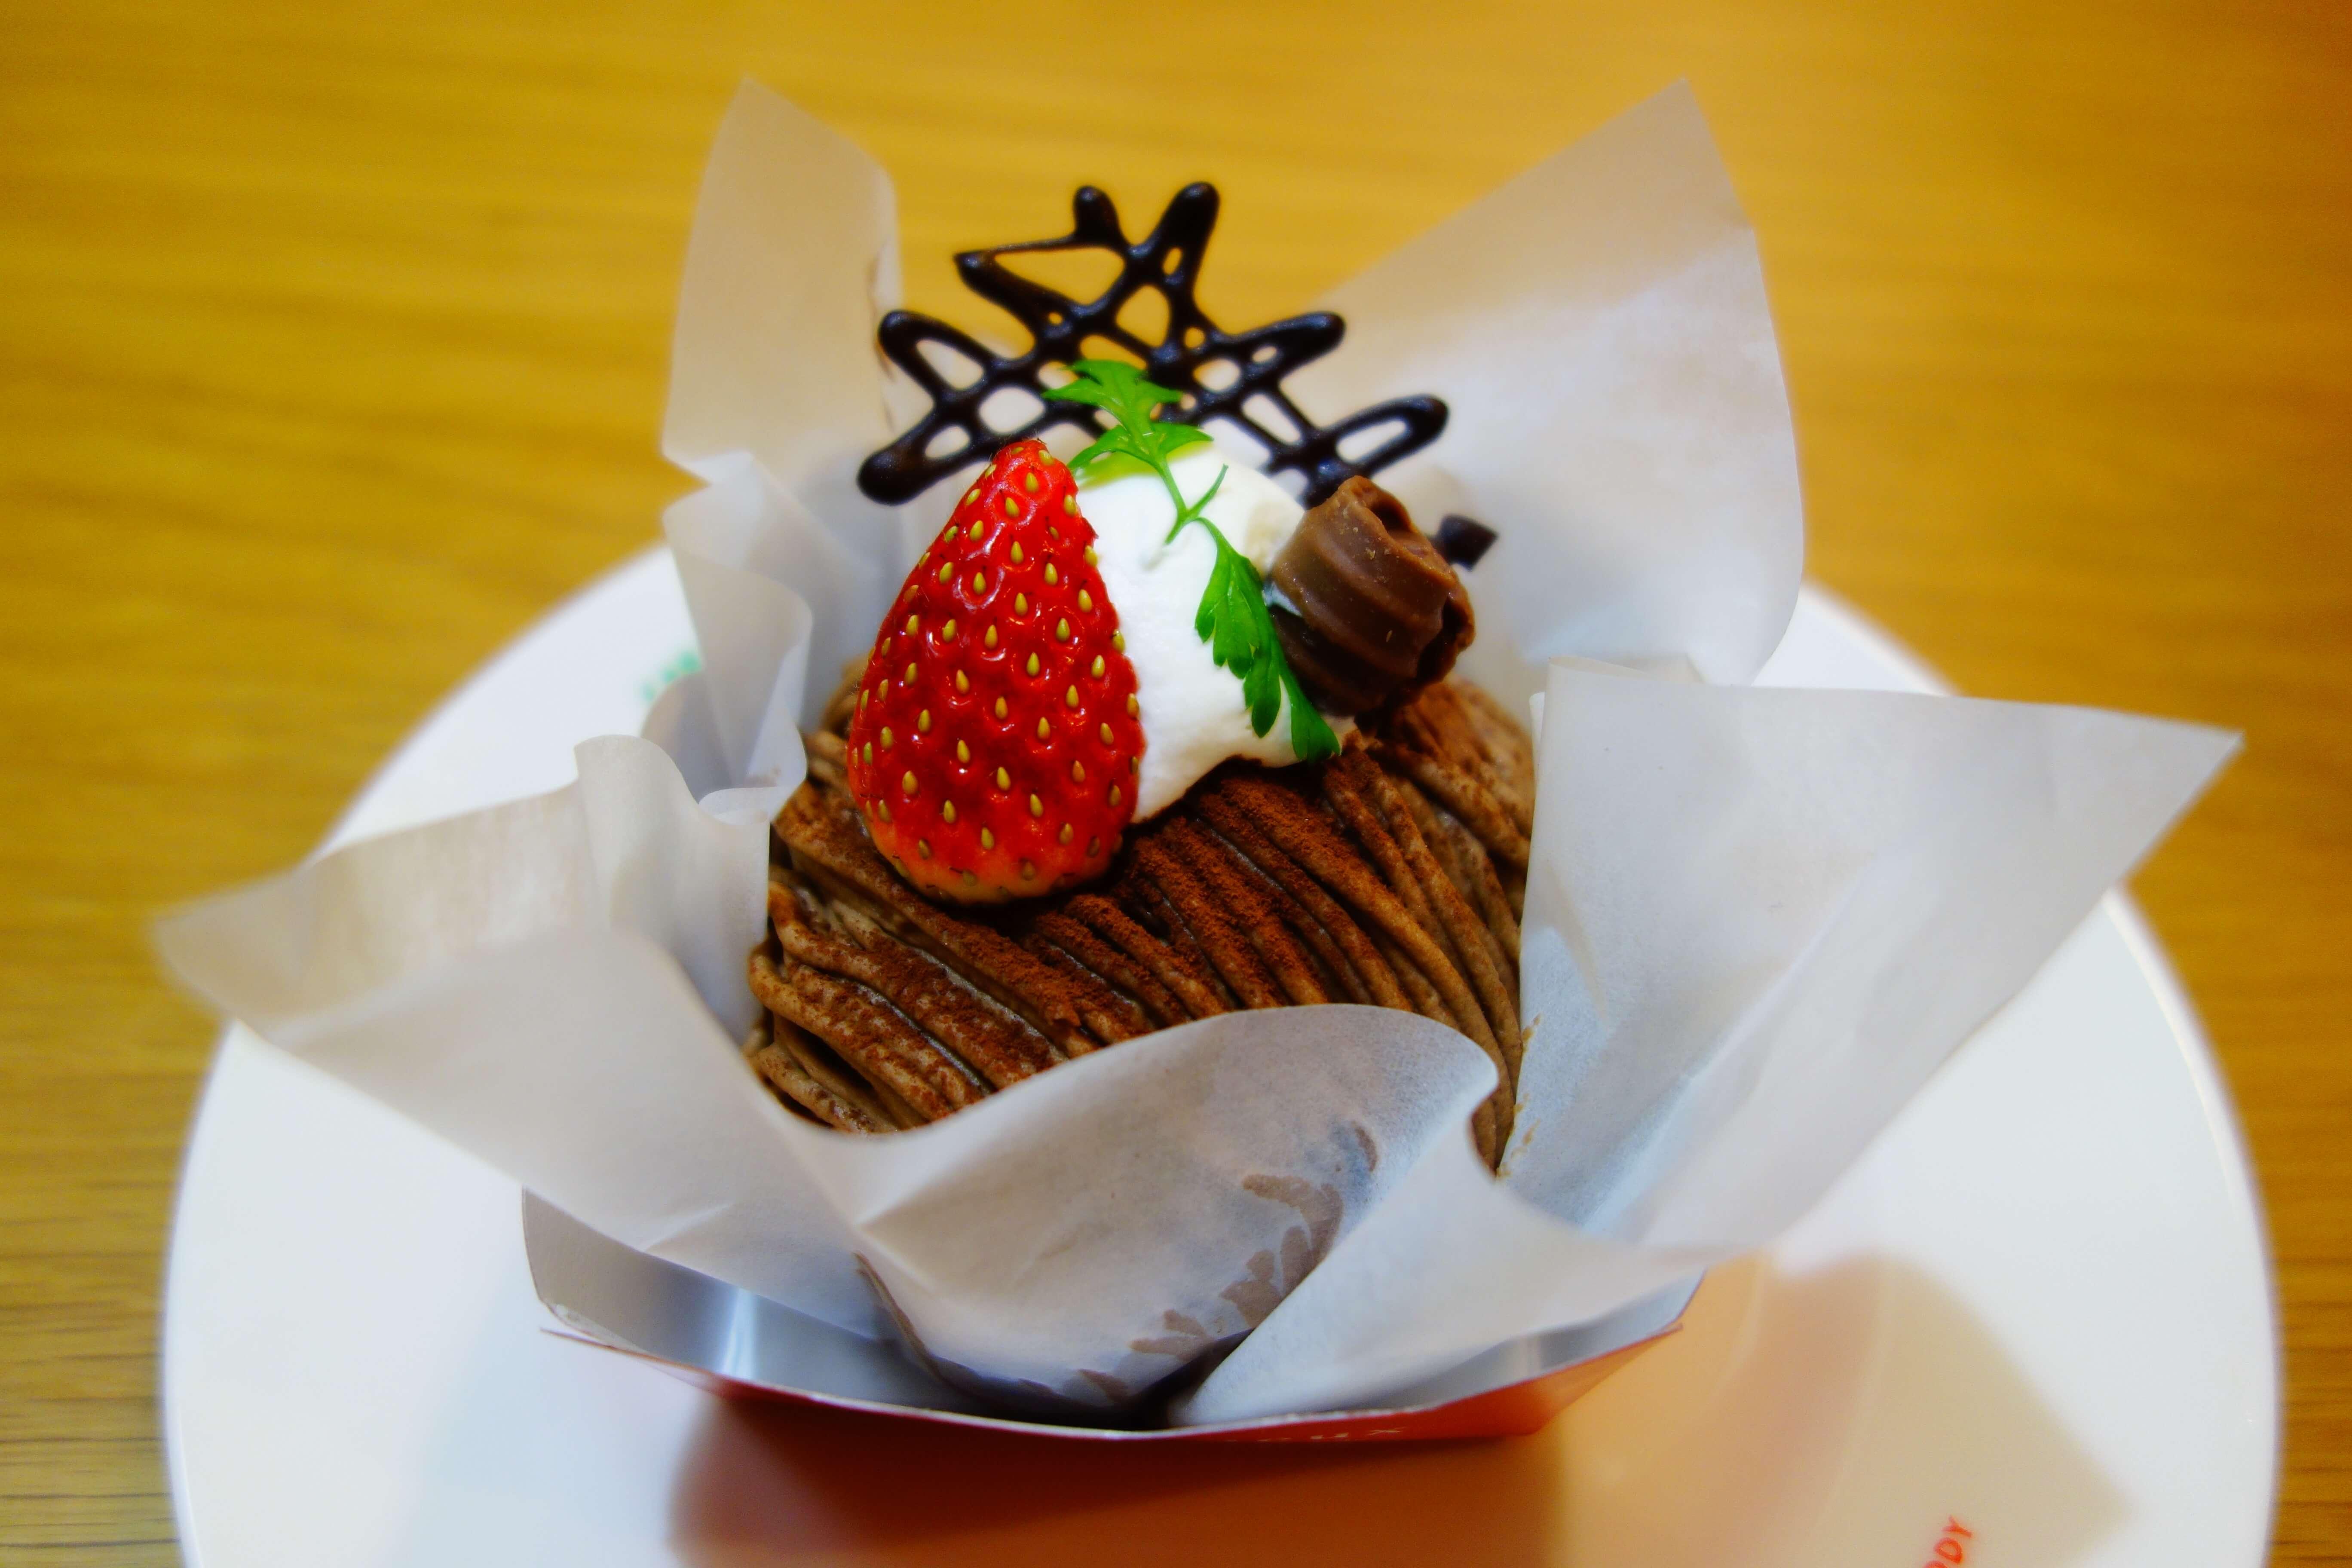 ふらん・どーる|金沢市で焼き菓子もロールケーキもオススメなケーキ屋さん